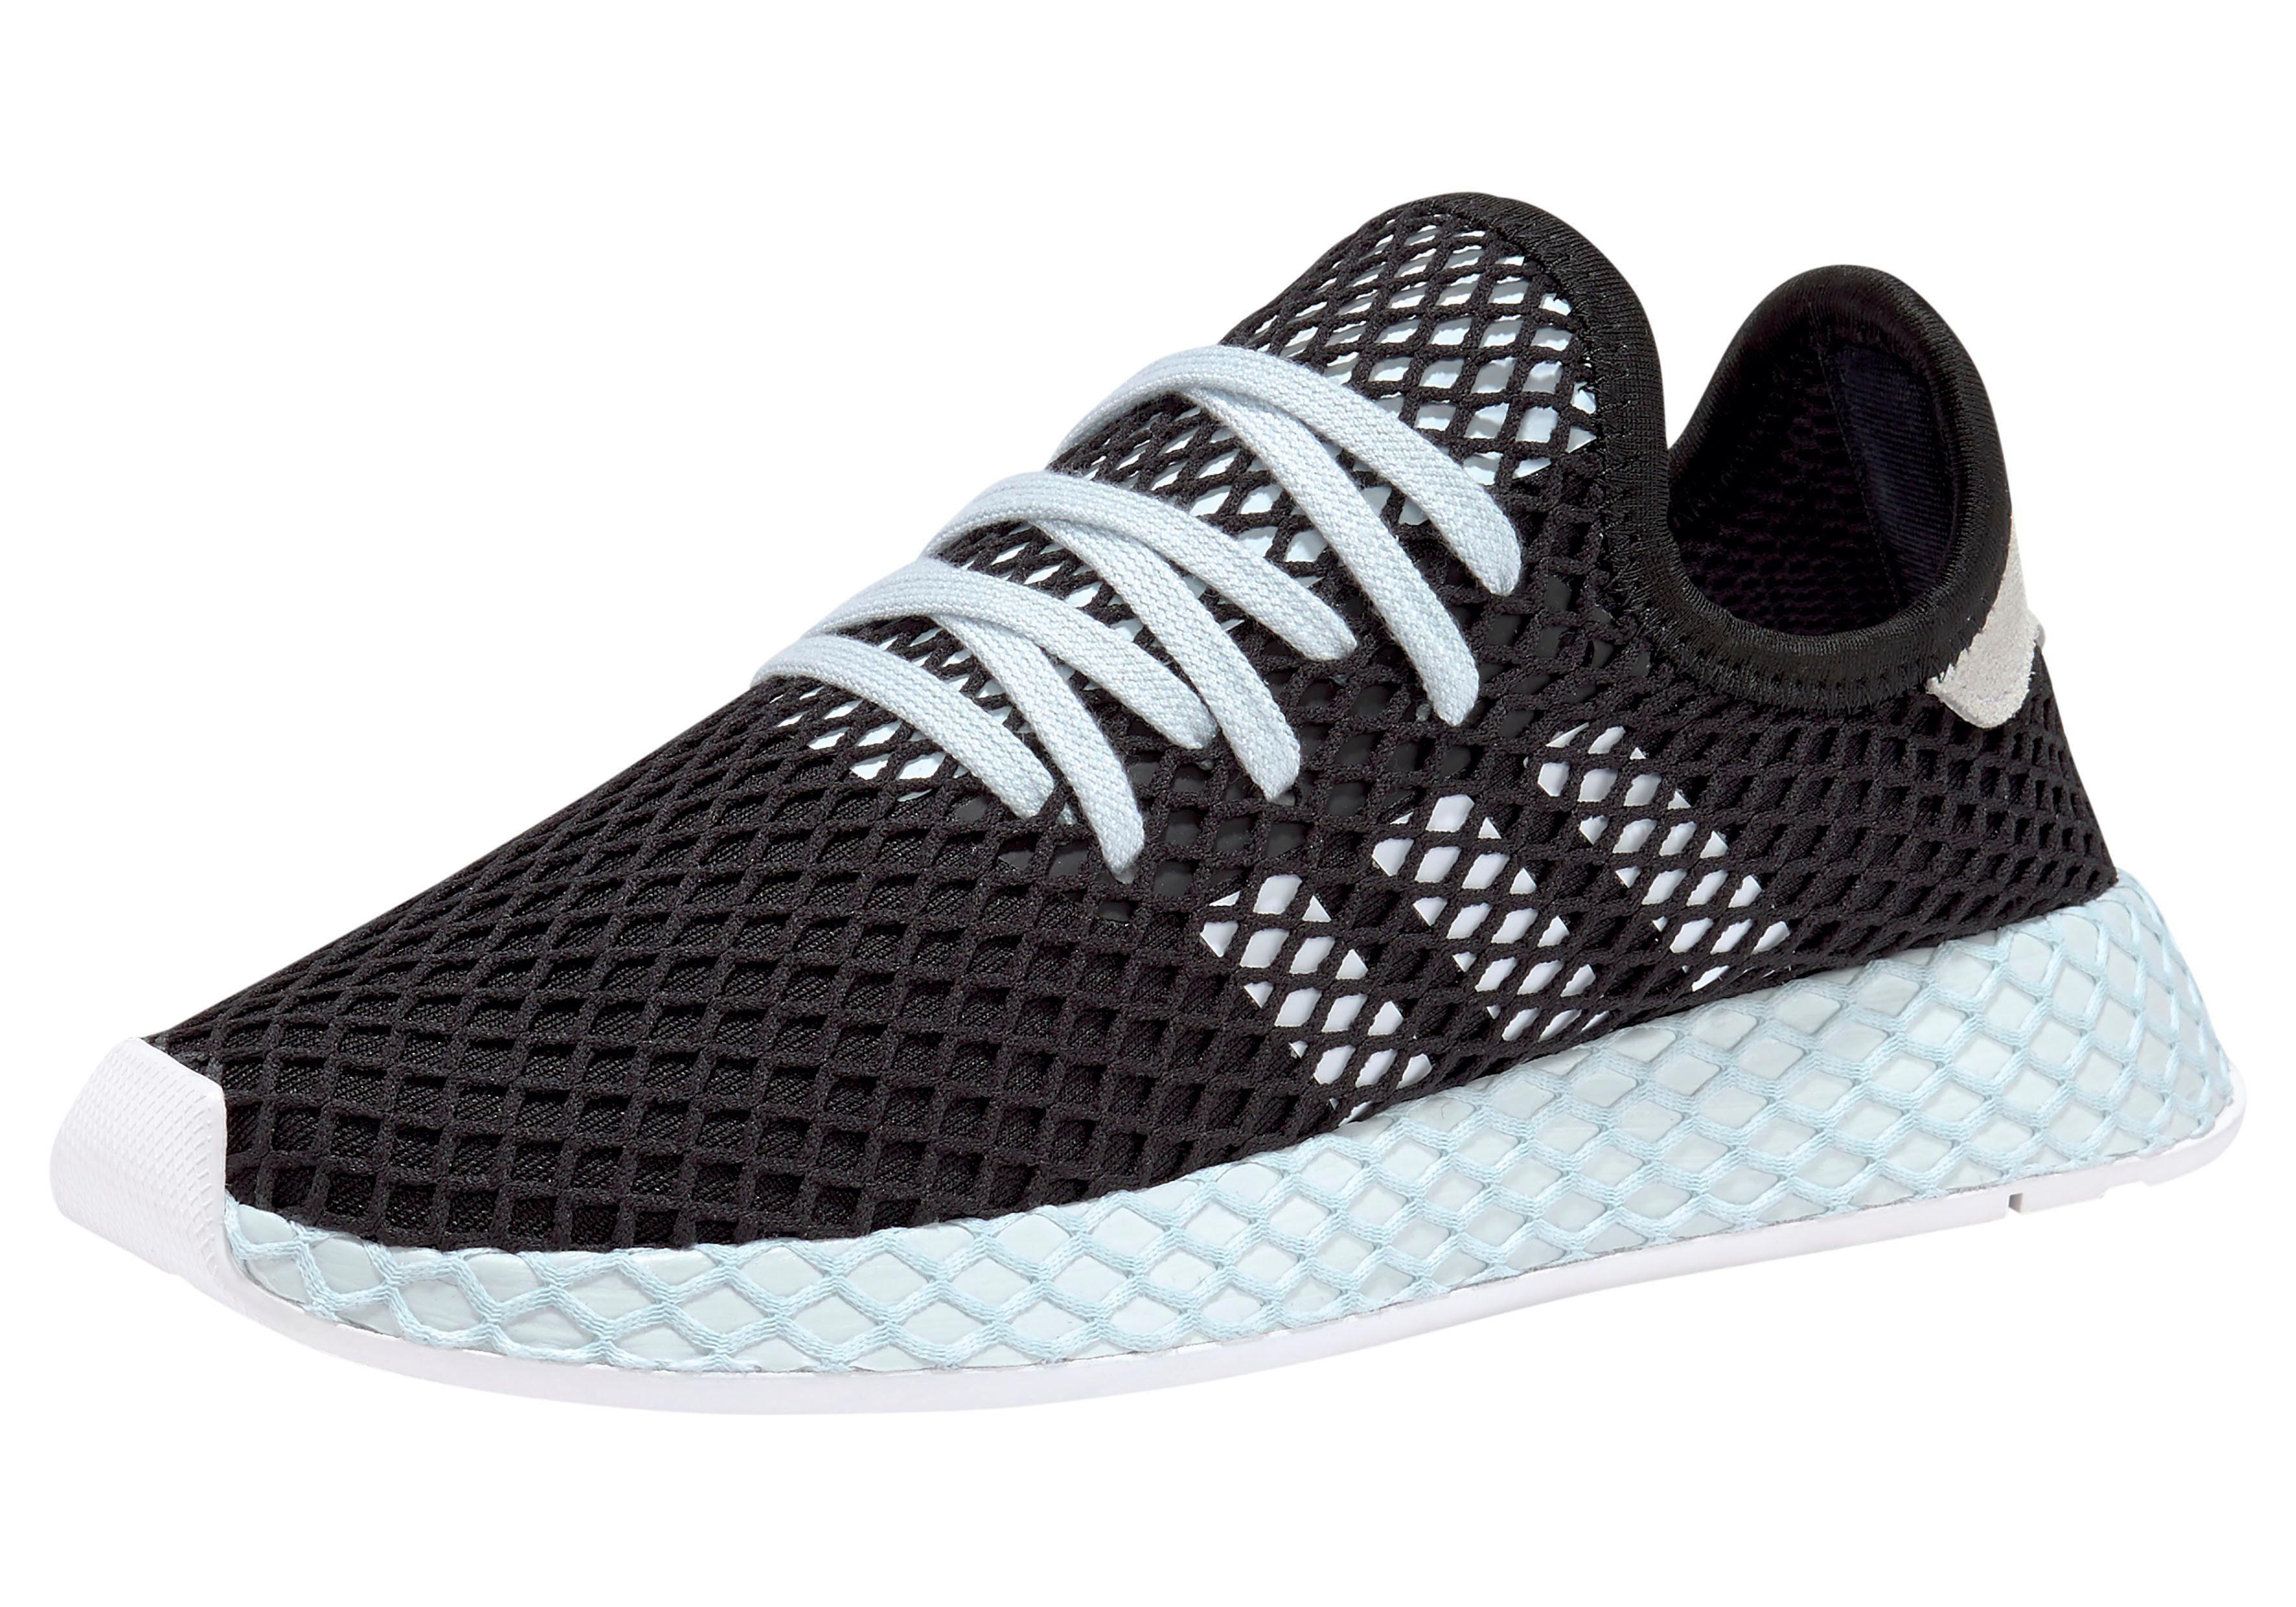 adidas Originals »DEERUPT RUNNER W« Sneaker kaufen | OTTO